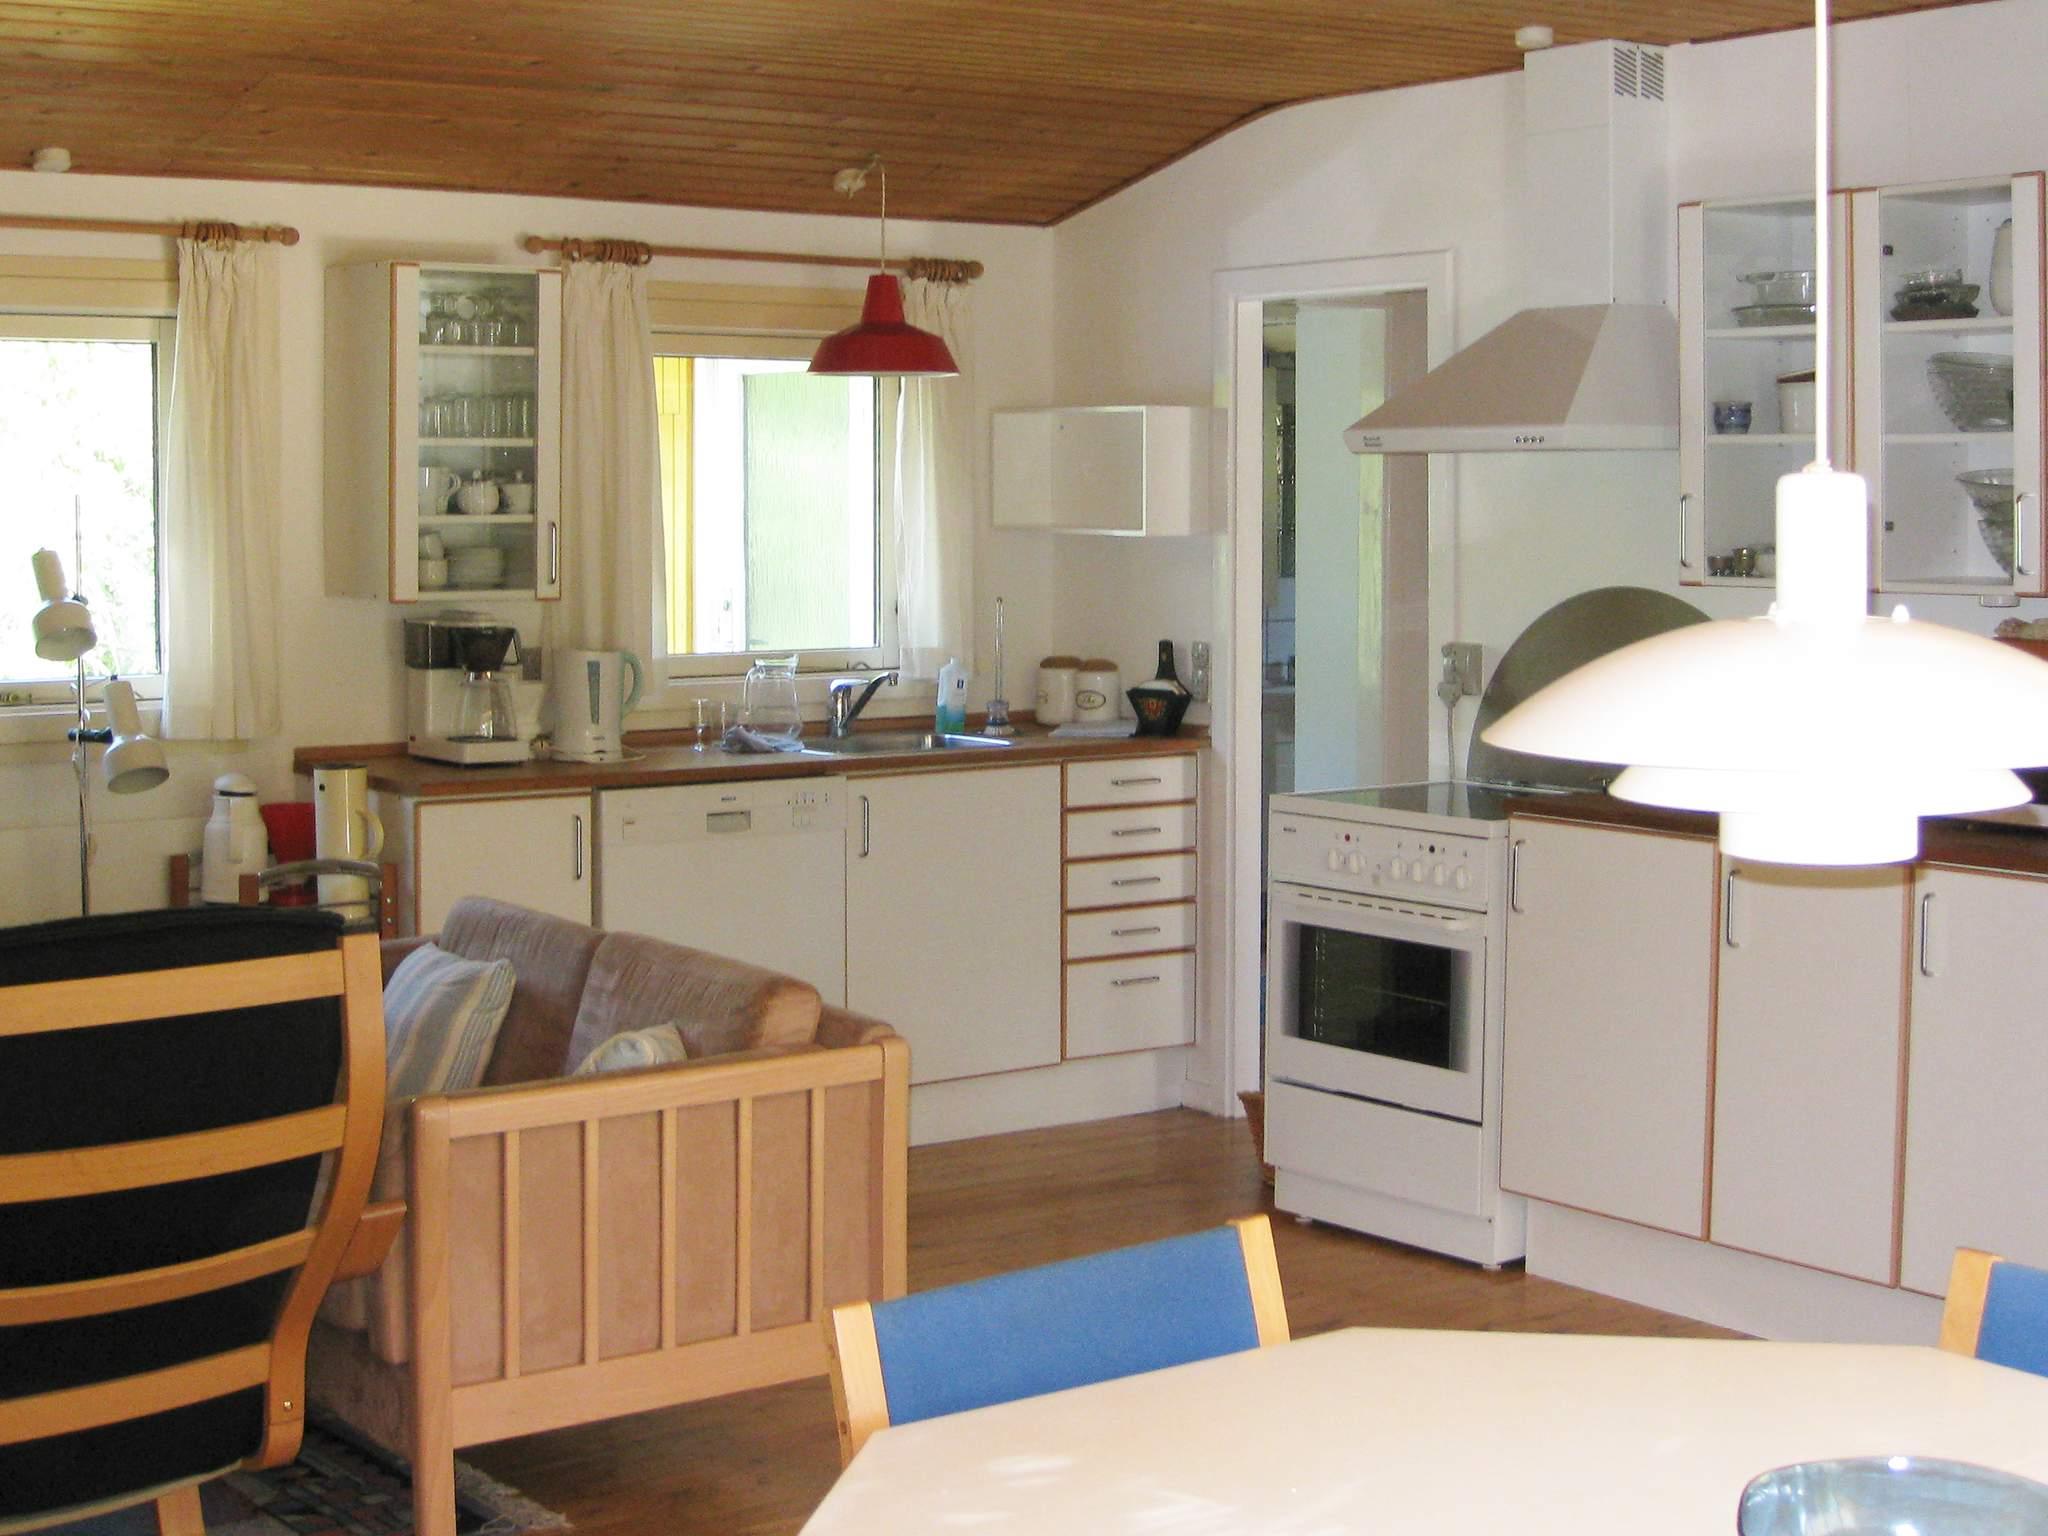 Ferienhaus Hummingen (85638), Hummingen, , Lolland, Dänemark, Bild 2